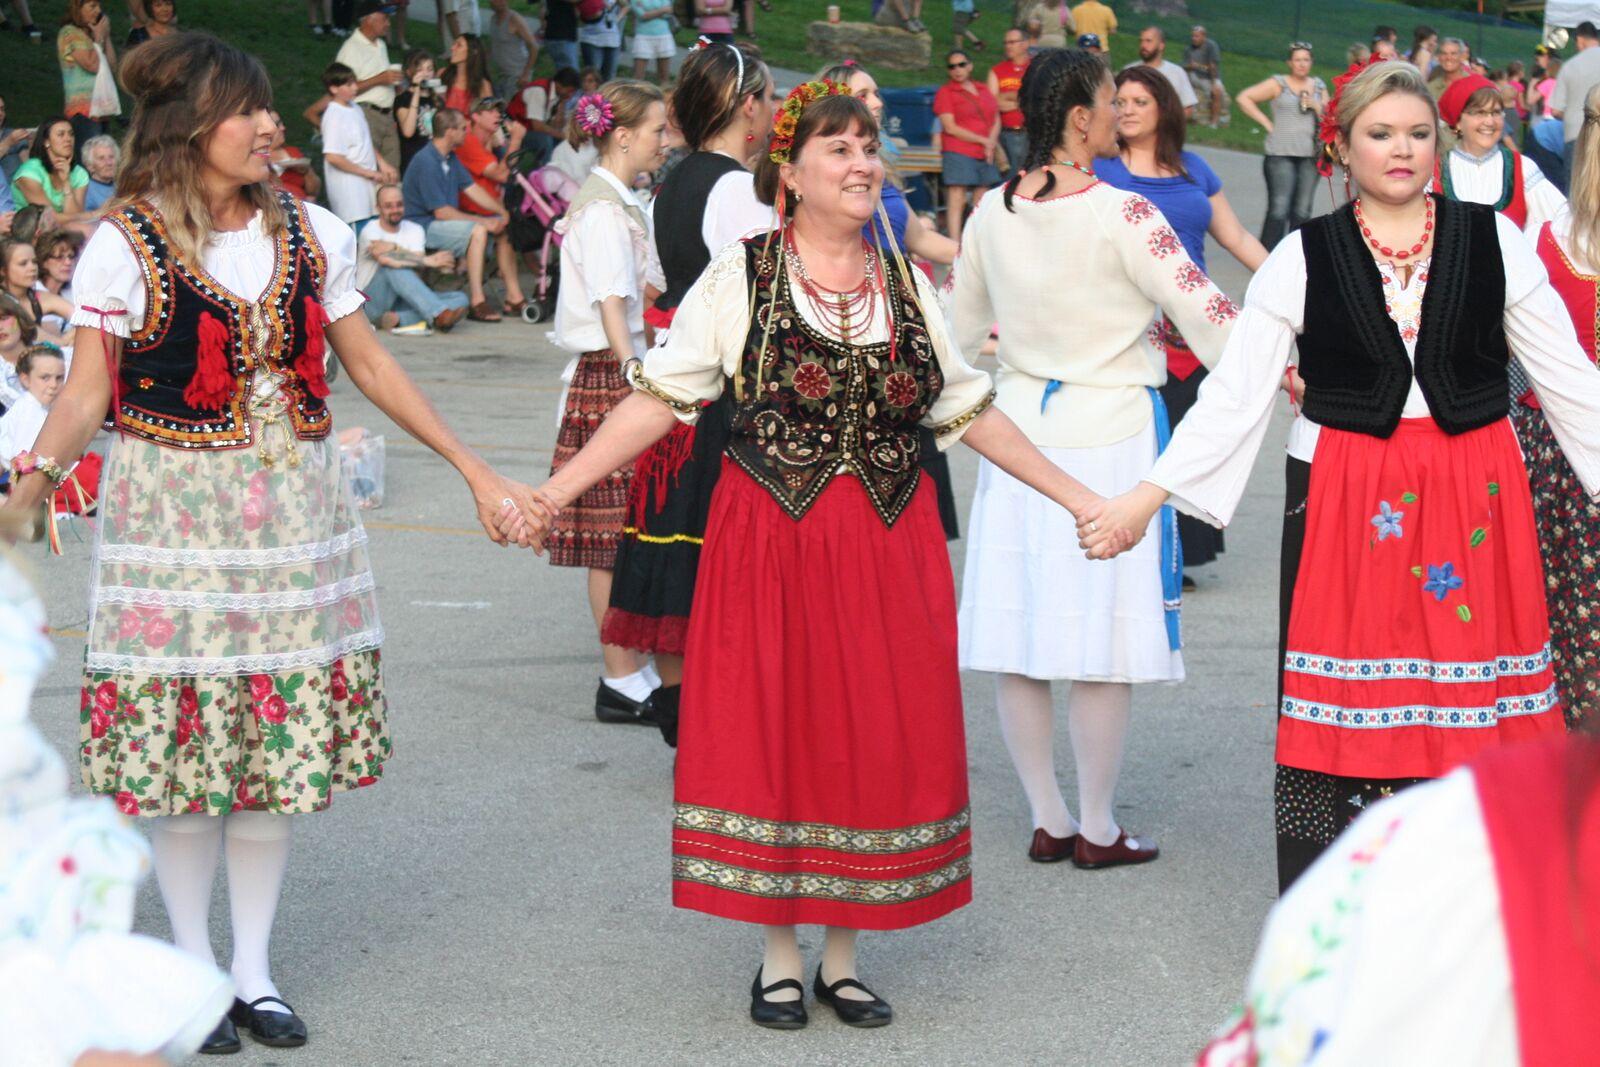 Ethnic Dancers Inside Circle.jpeg